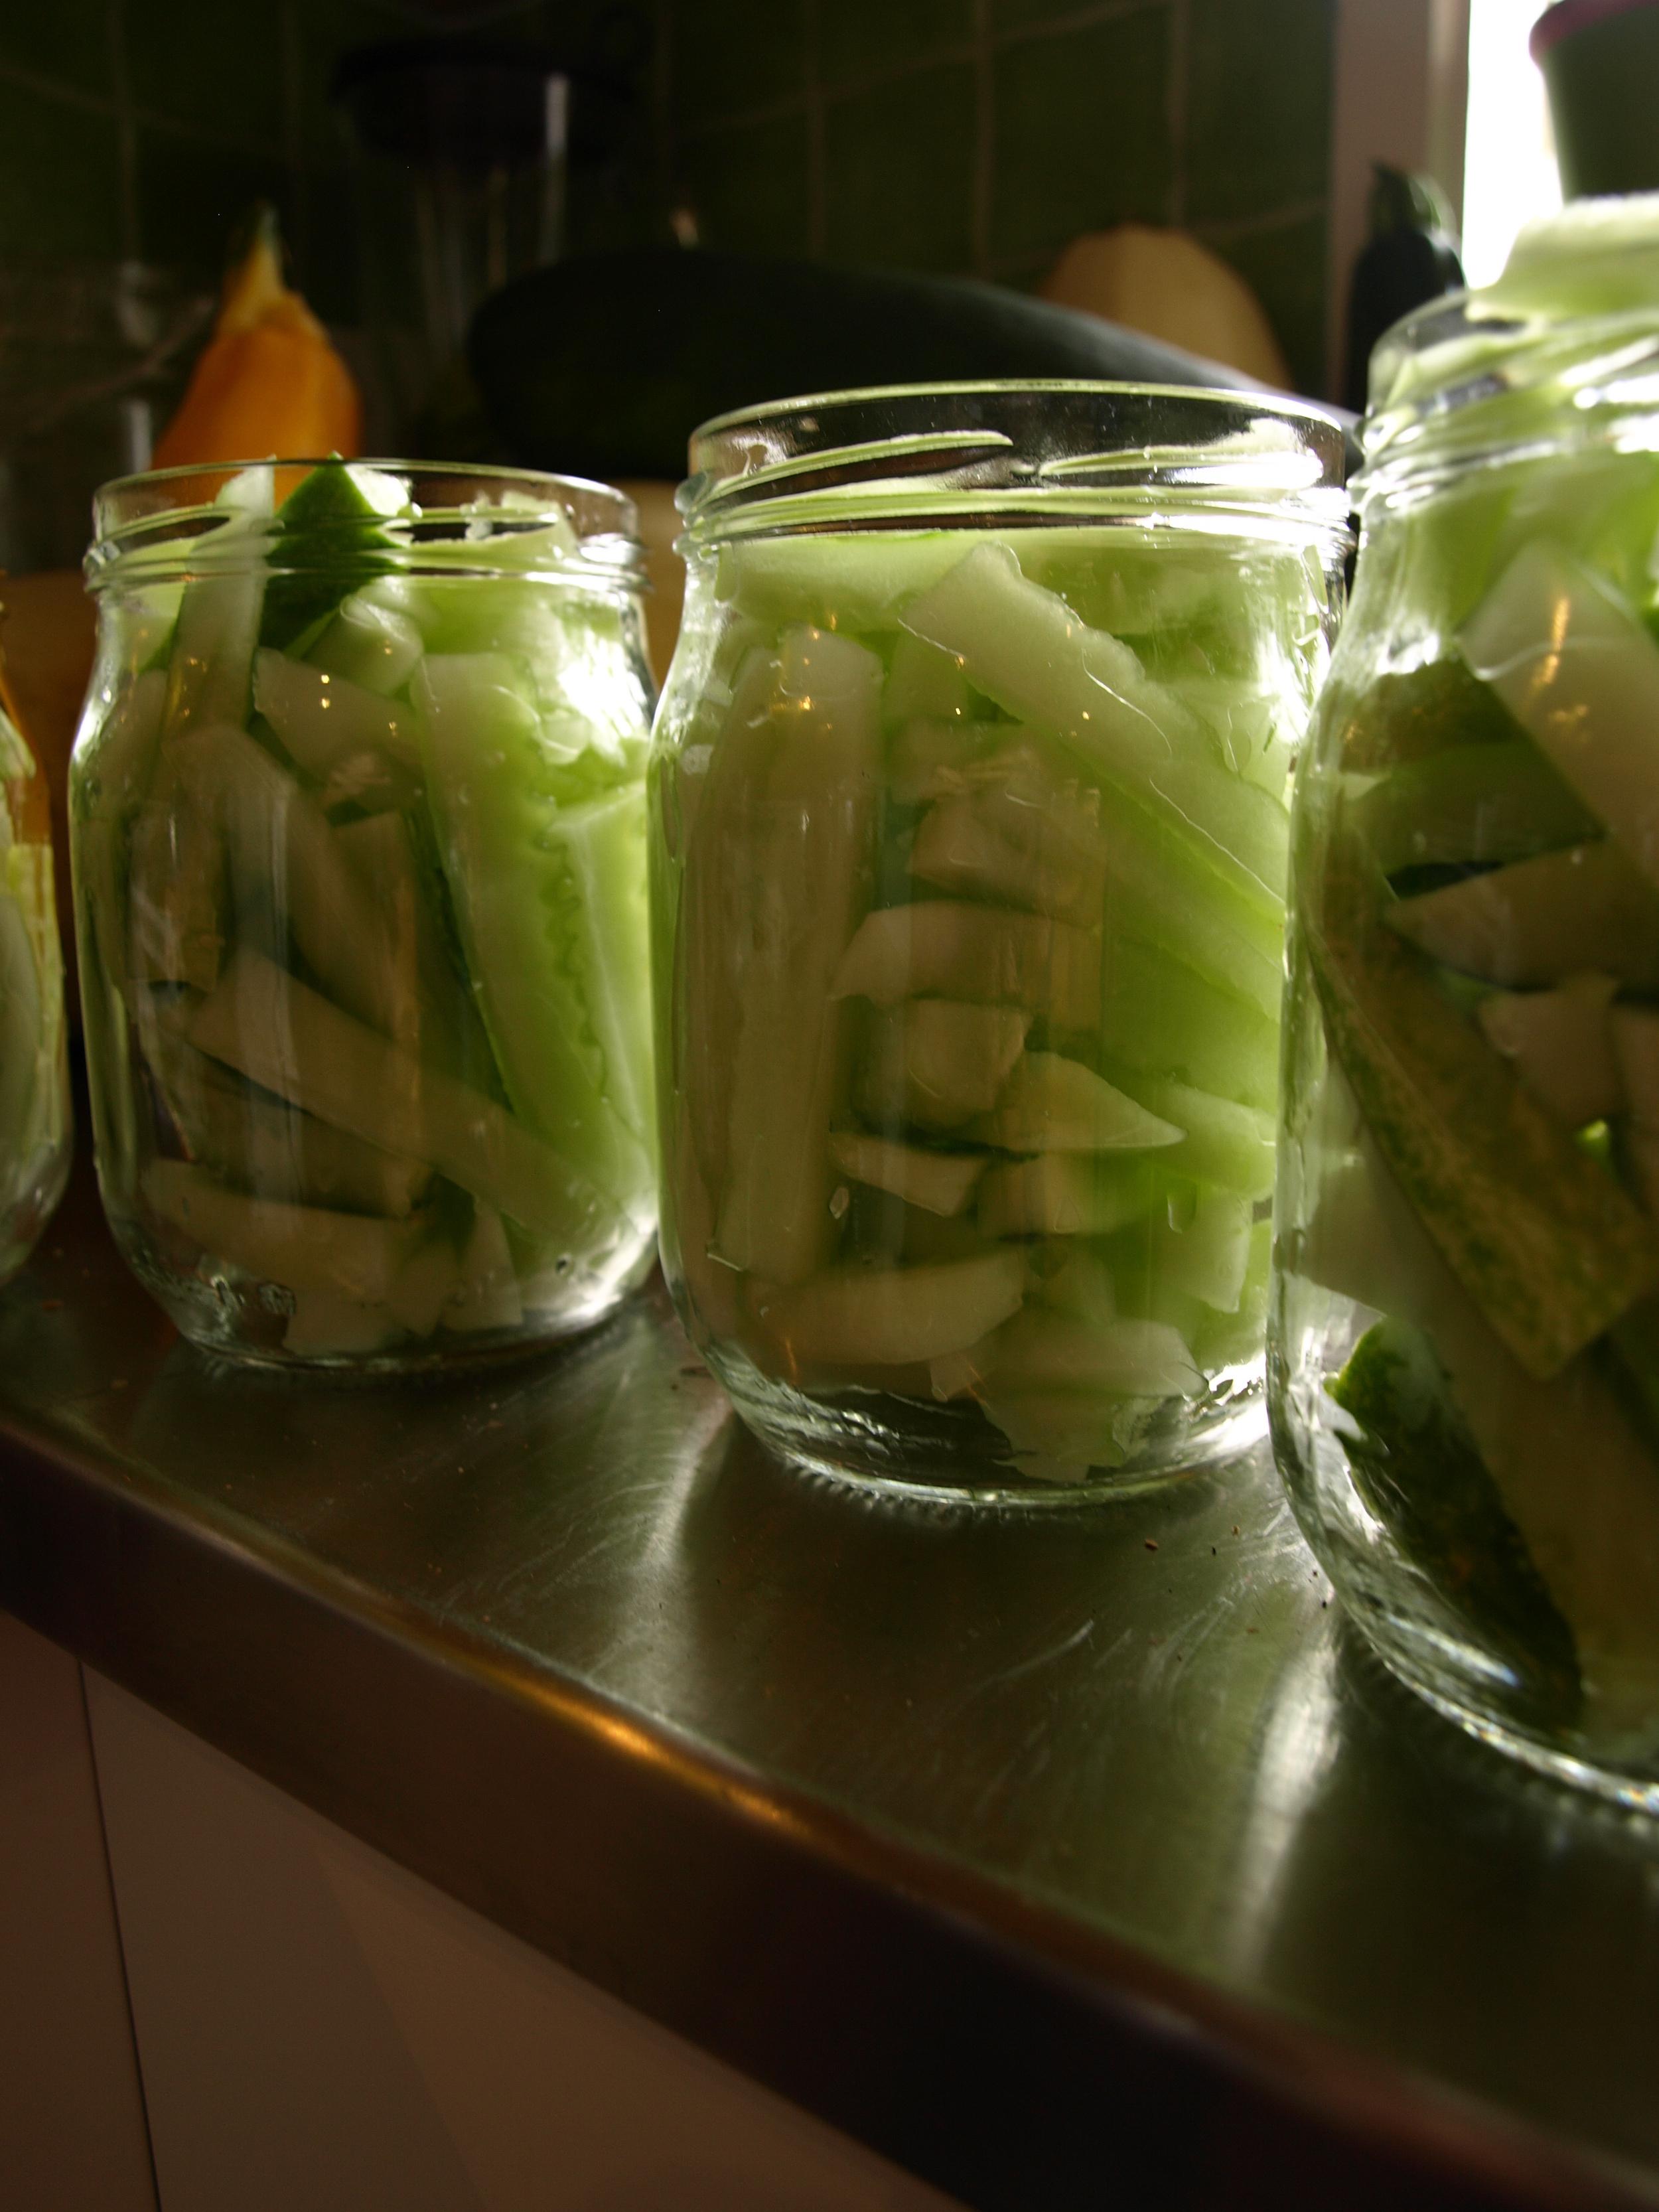 Cucumbers in jars.JPG